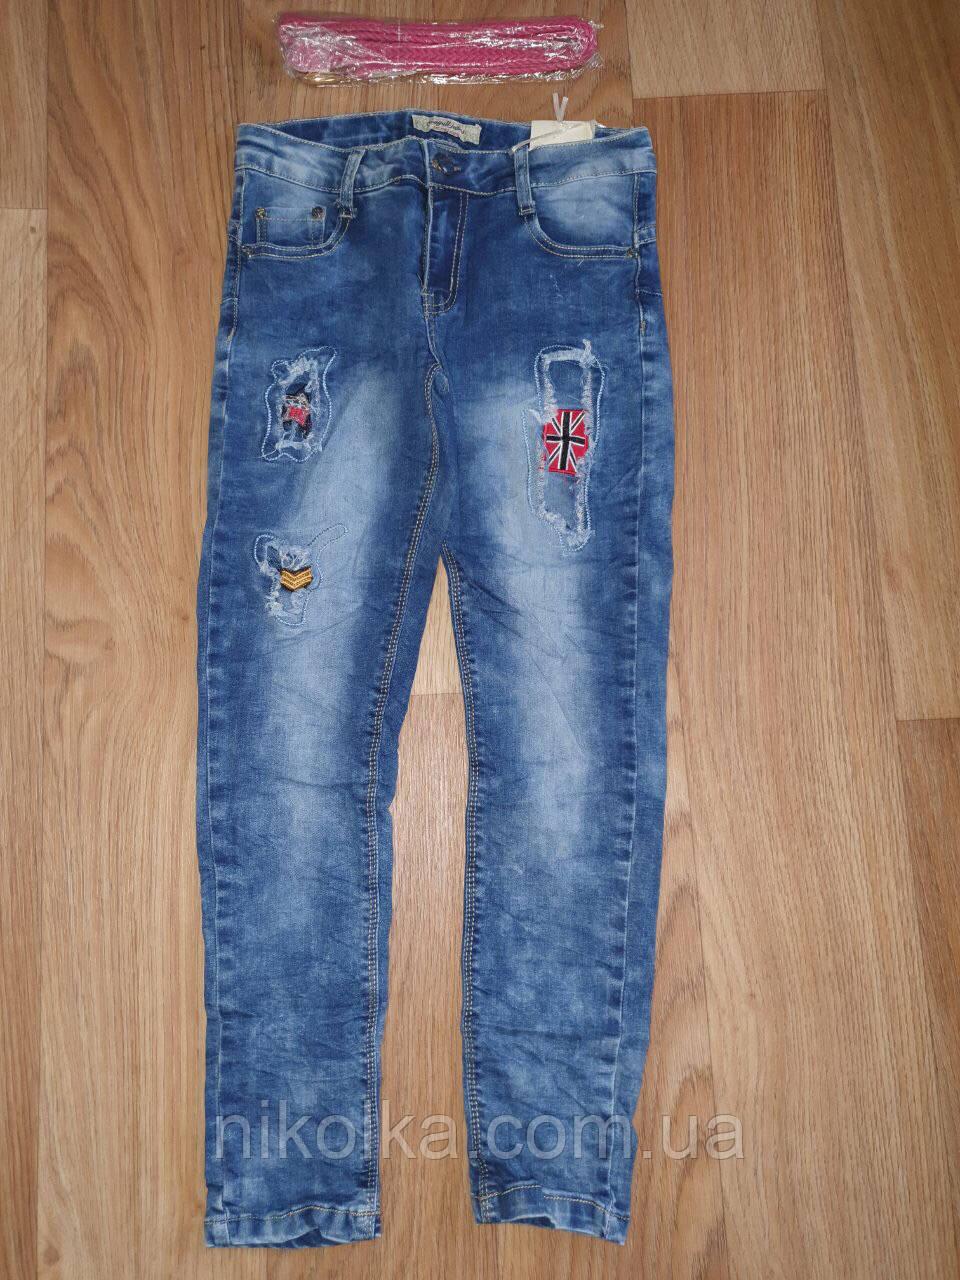 Джинсовые брюки для девочек оптом, Seagull, 134-164 рр., Арт. CSQ-88869